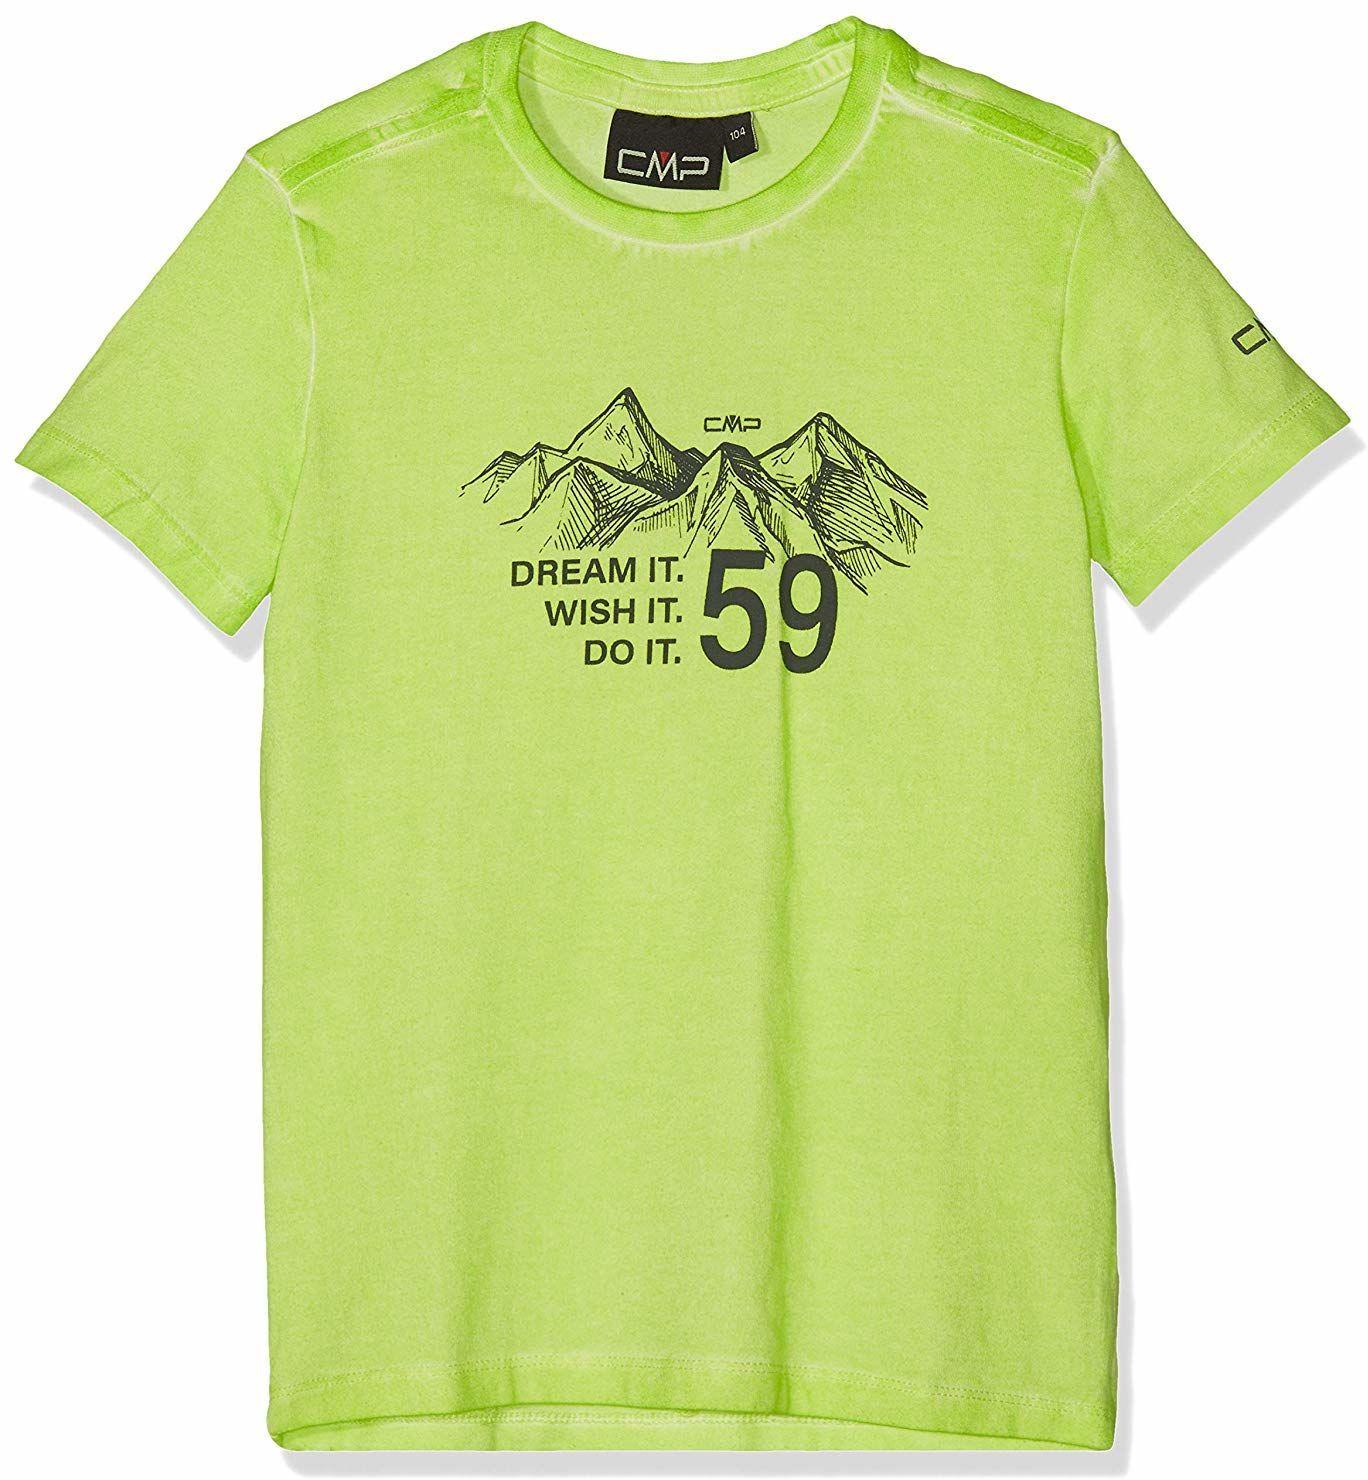 CMP T-shirt chłopięcy 38t6874 beżowy bambus 128